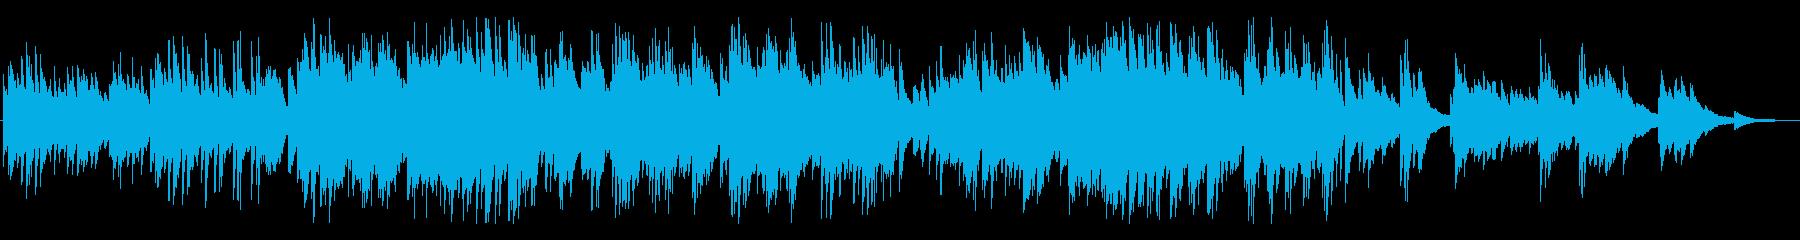 爽やかで、ノスタルジックなピアノBGMの再生済みの波形